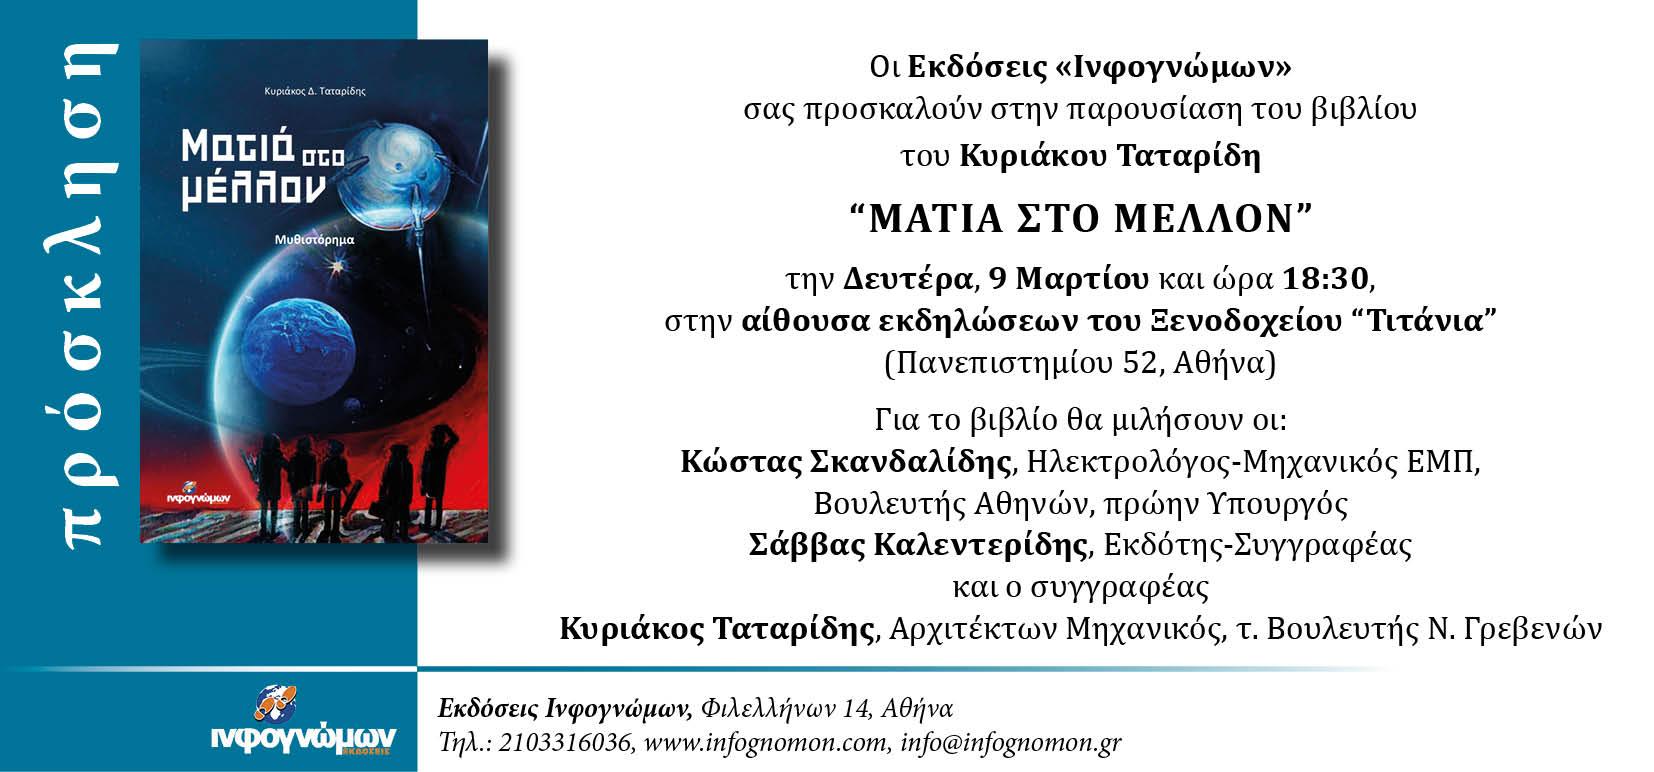 """Πρόσκληση σε παρουσίαση του βιβλίου του Κυριάκου Ταταρίδη """"Ματιά στο Μέλλον"""", Δευτέρα, 9 Μαρτίου, Τιτάνια"""